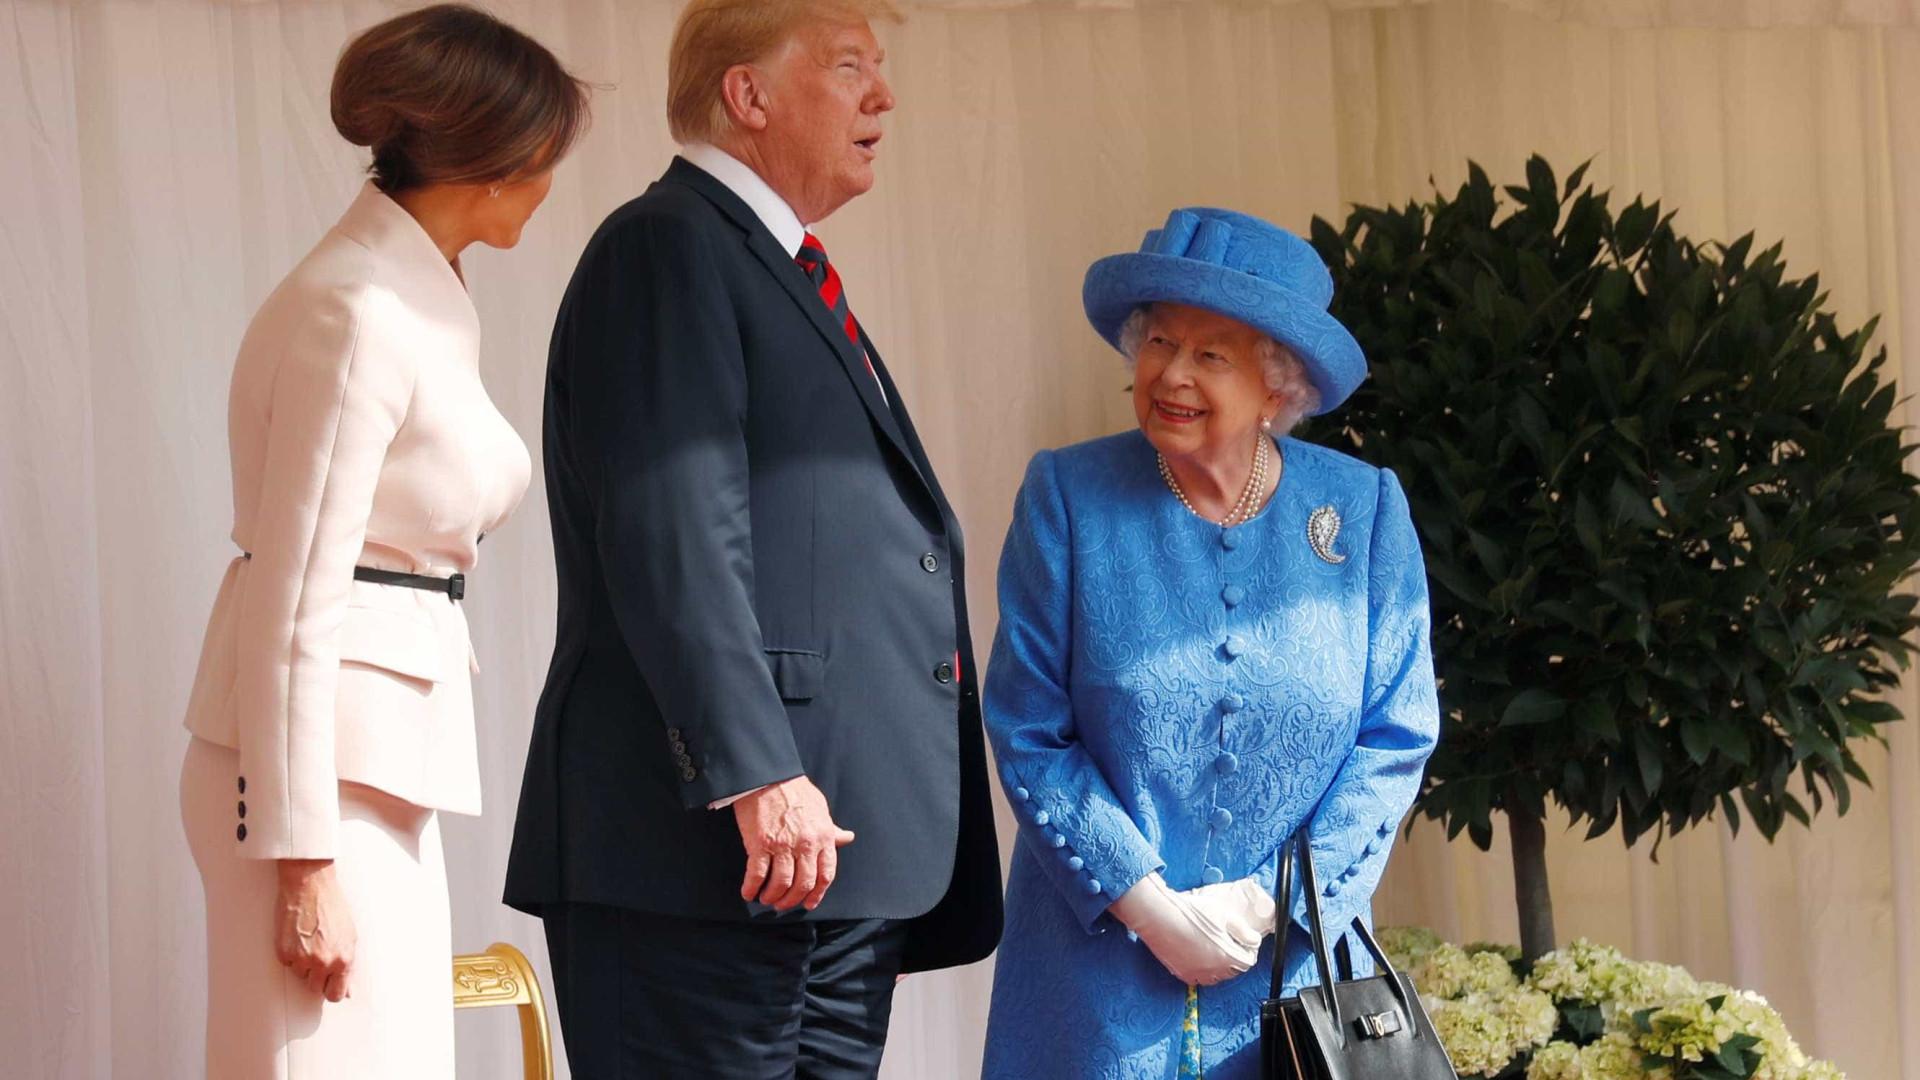 Trump chega a Windsor e é recebido pela rainha Elizabeth 2ª